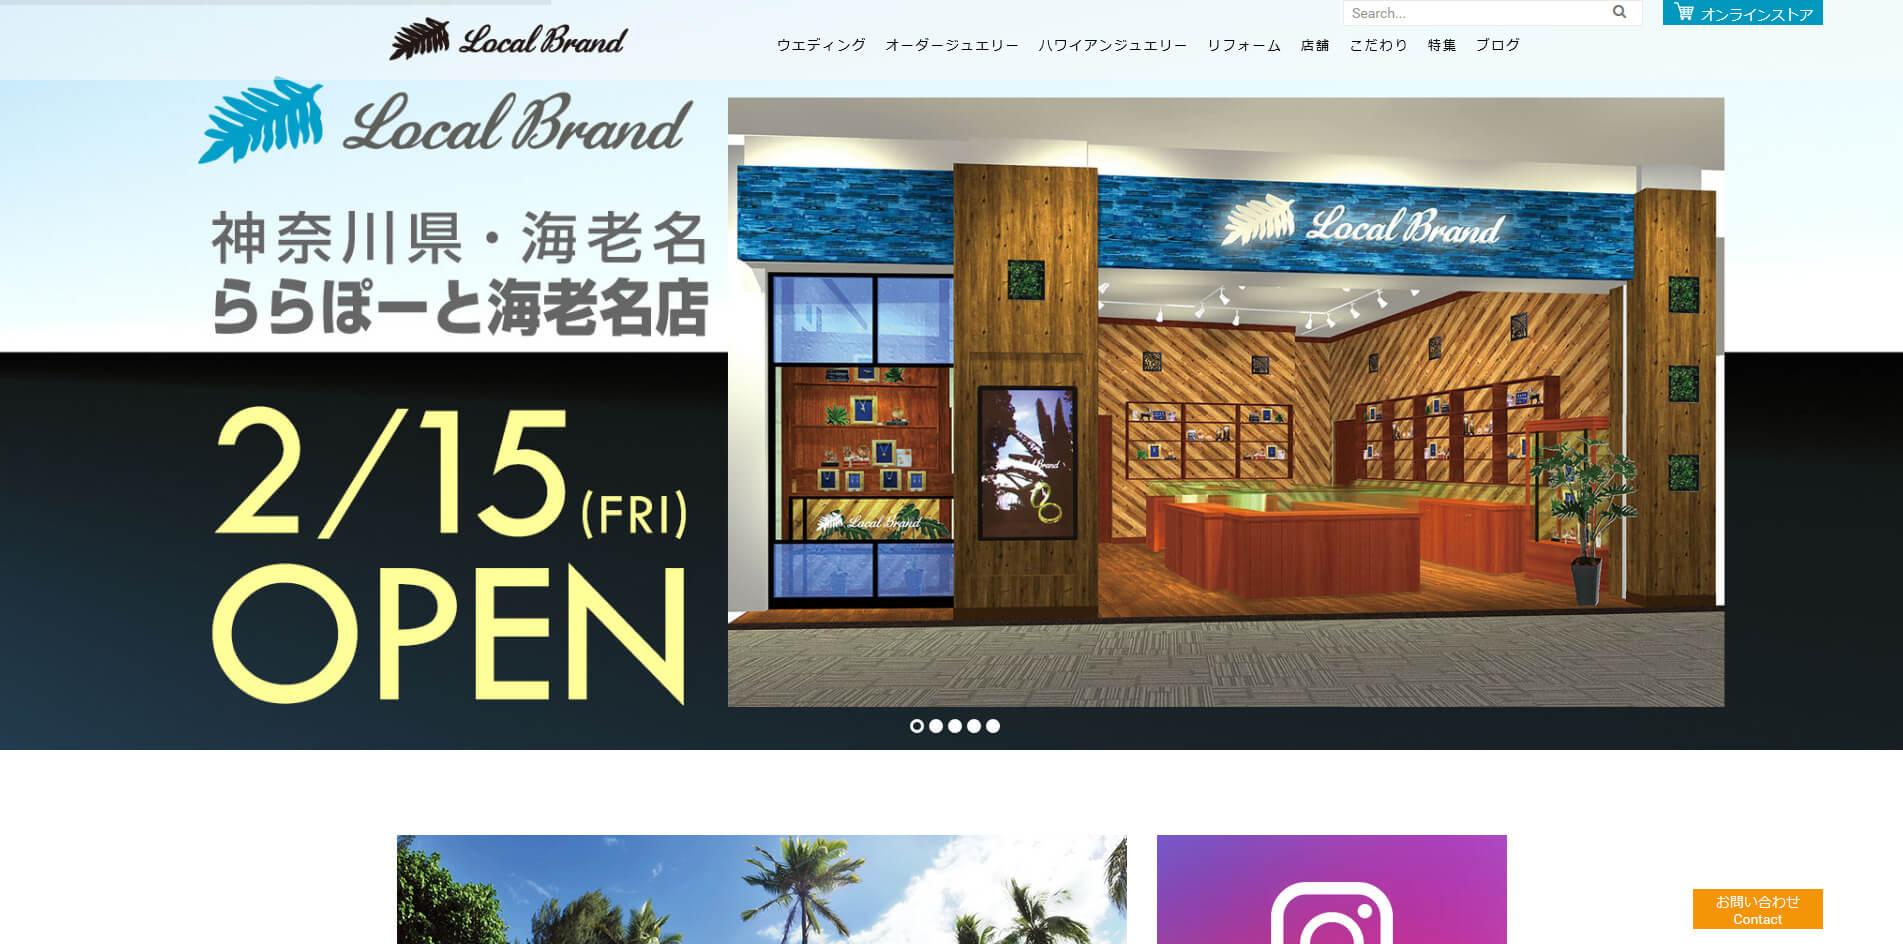 ローカルブランド ハワイアンジュエリーのブランドサイト